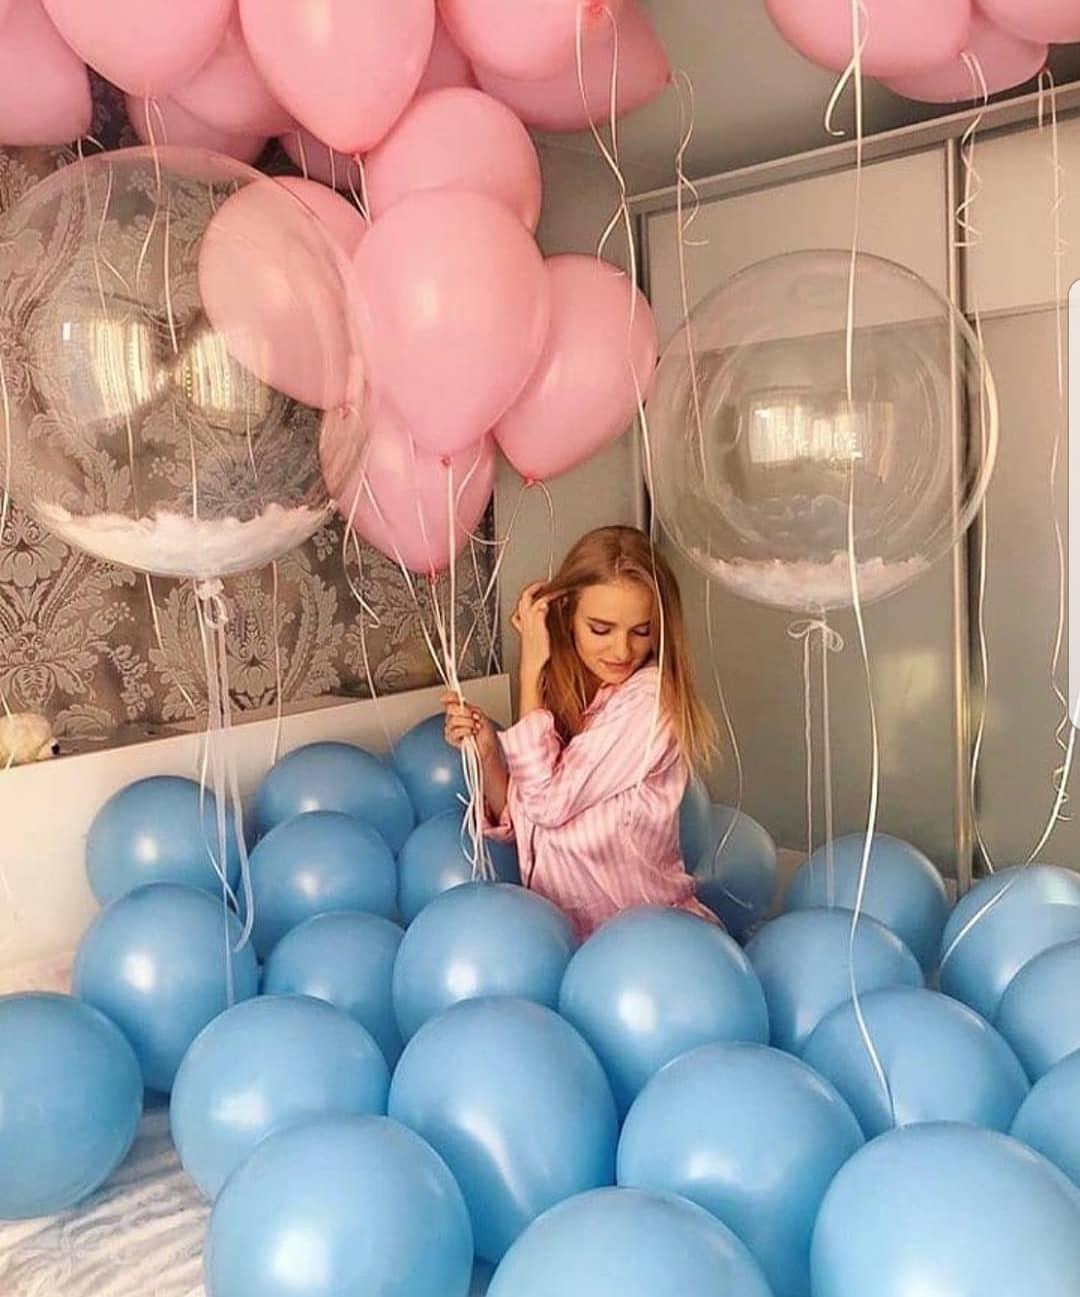 примеры фотографий с шарами дома том, где когда